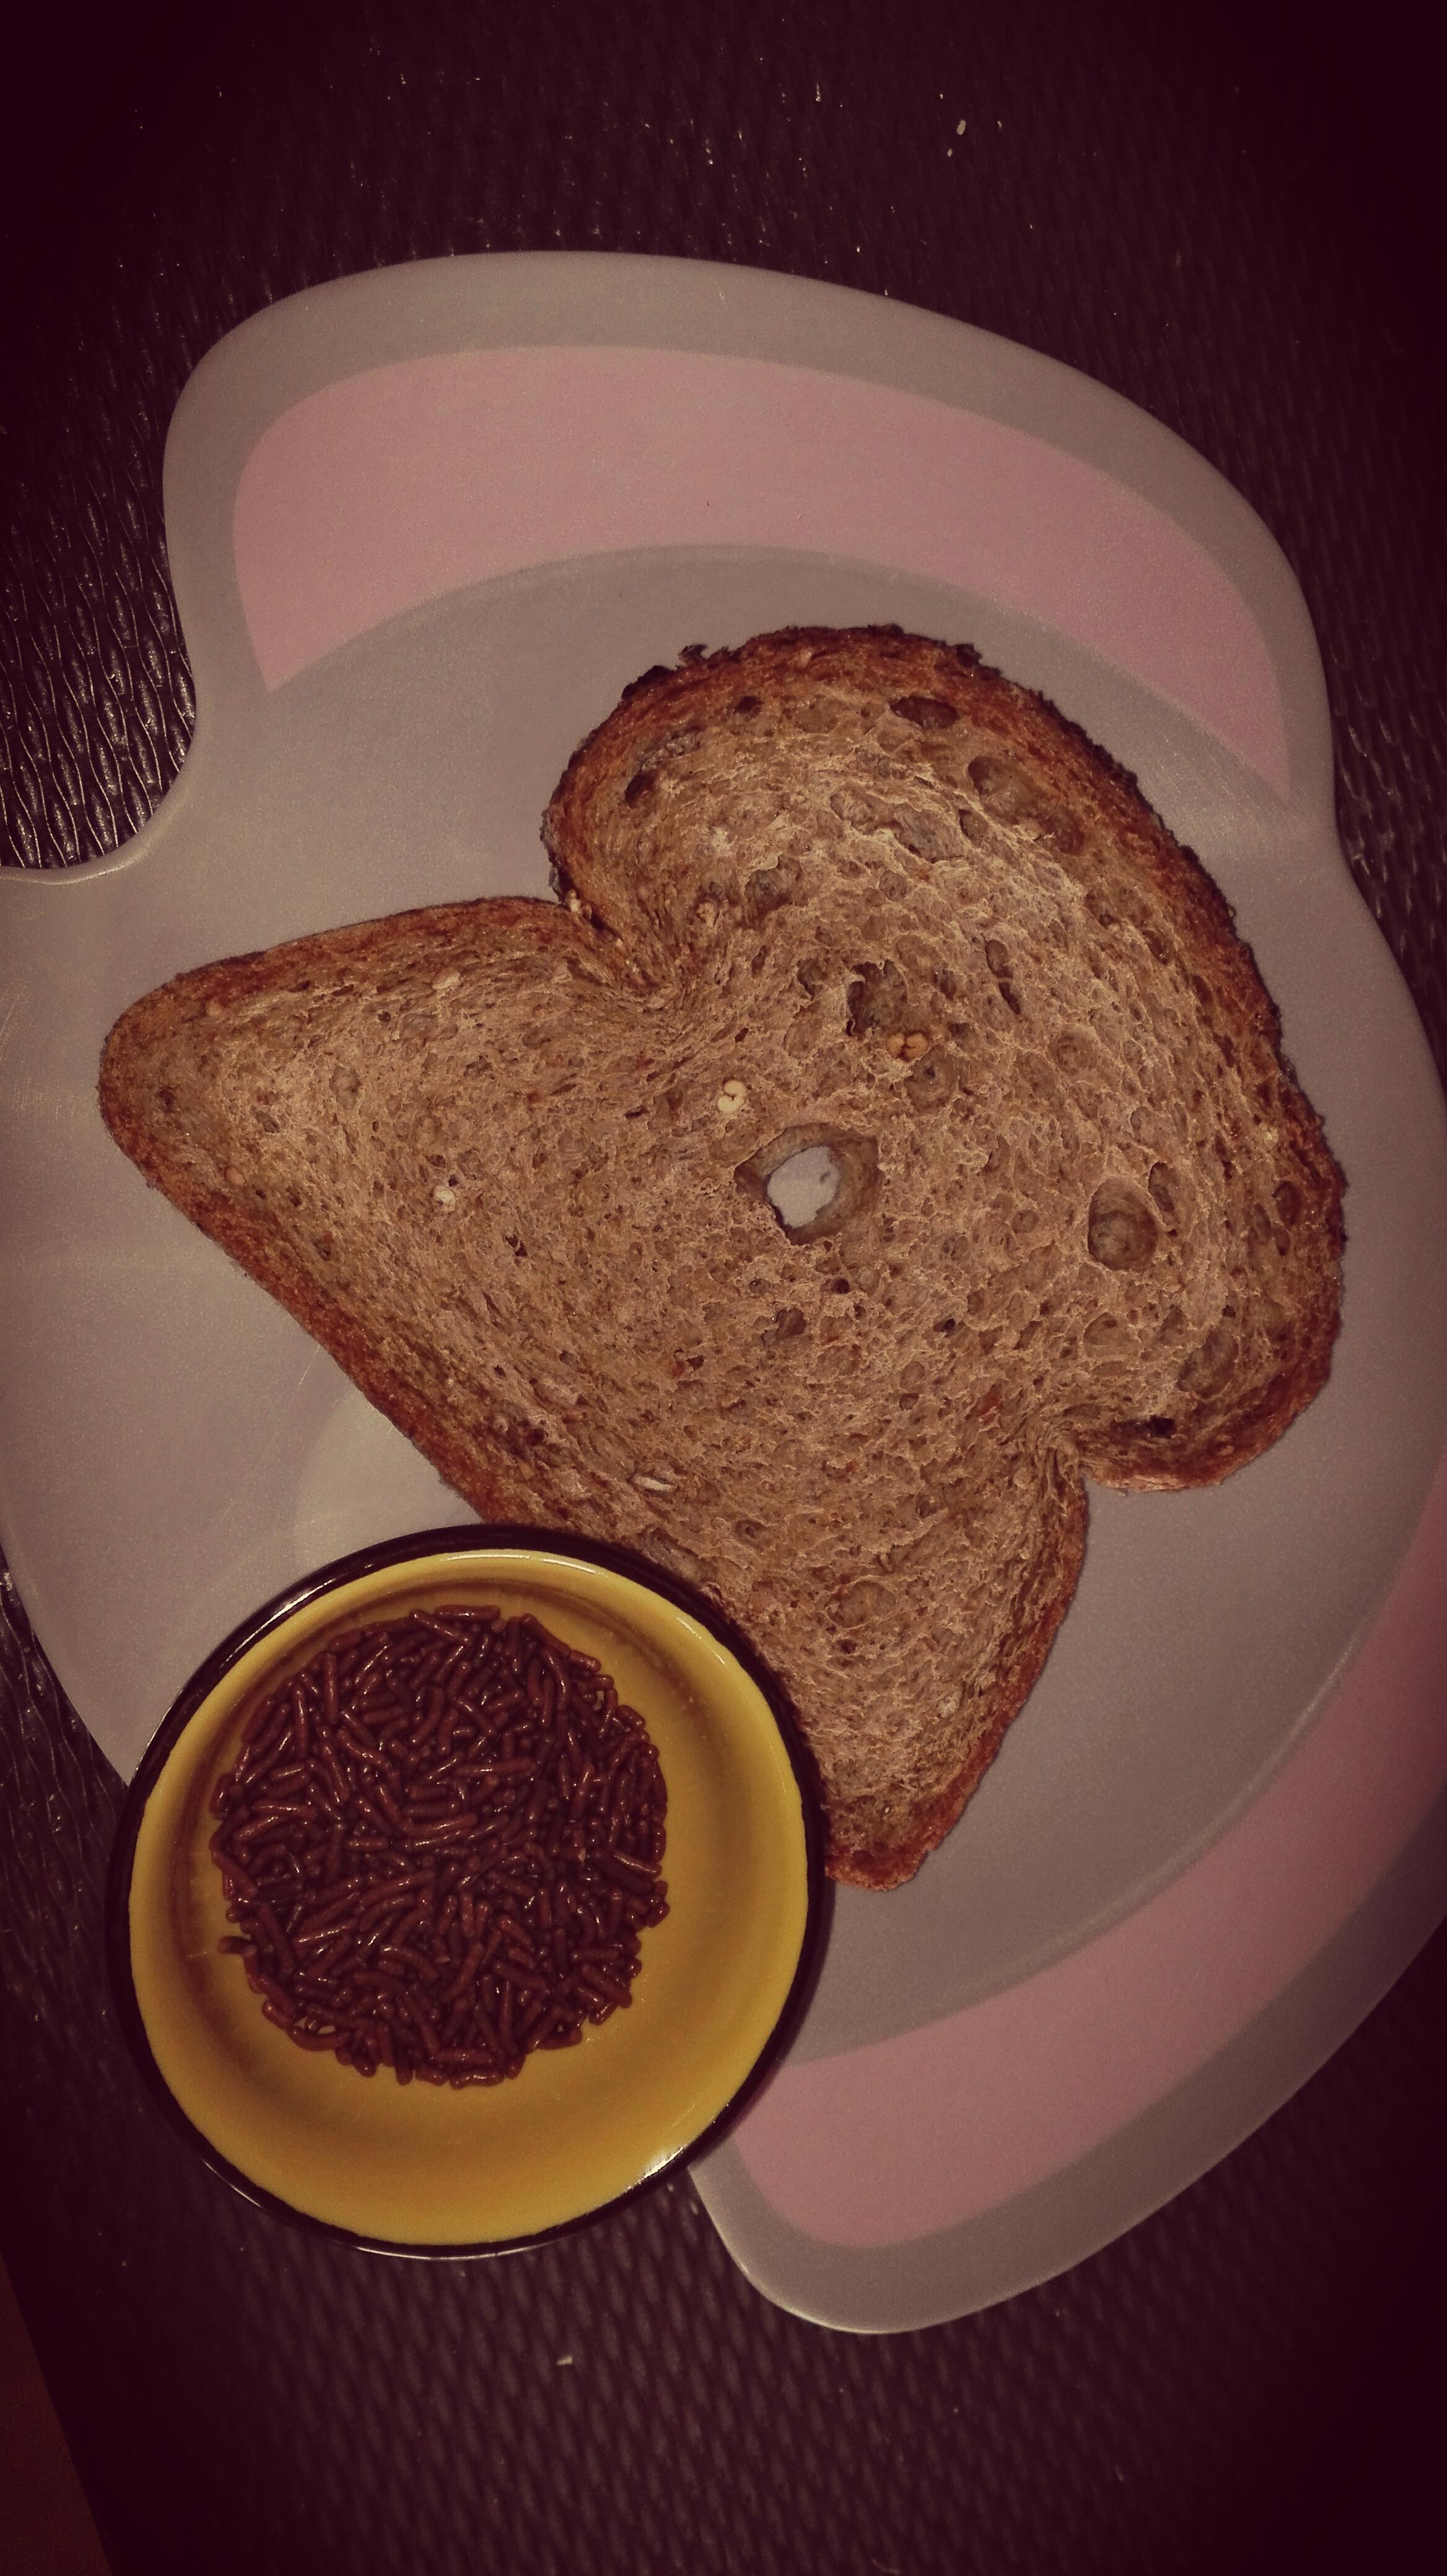 ontbijten is gezond en lekker, ontbijt niet overslaan, lekker varieren, nanny annelon, recept, blog over eten, ideeen opdoen, wat ontbijt jij, peuter, kleuter